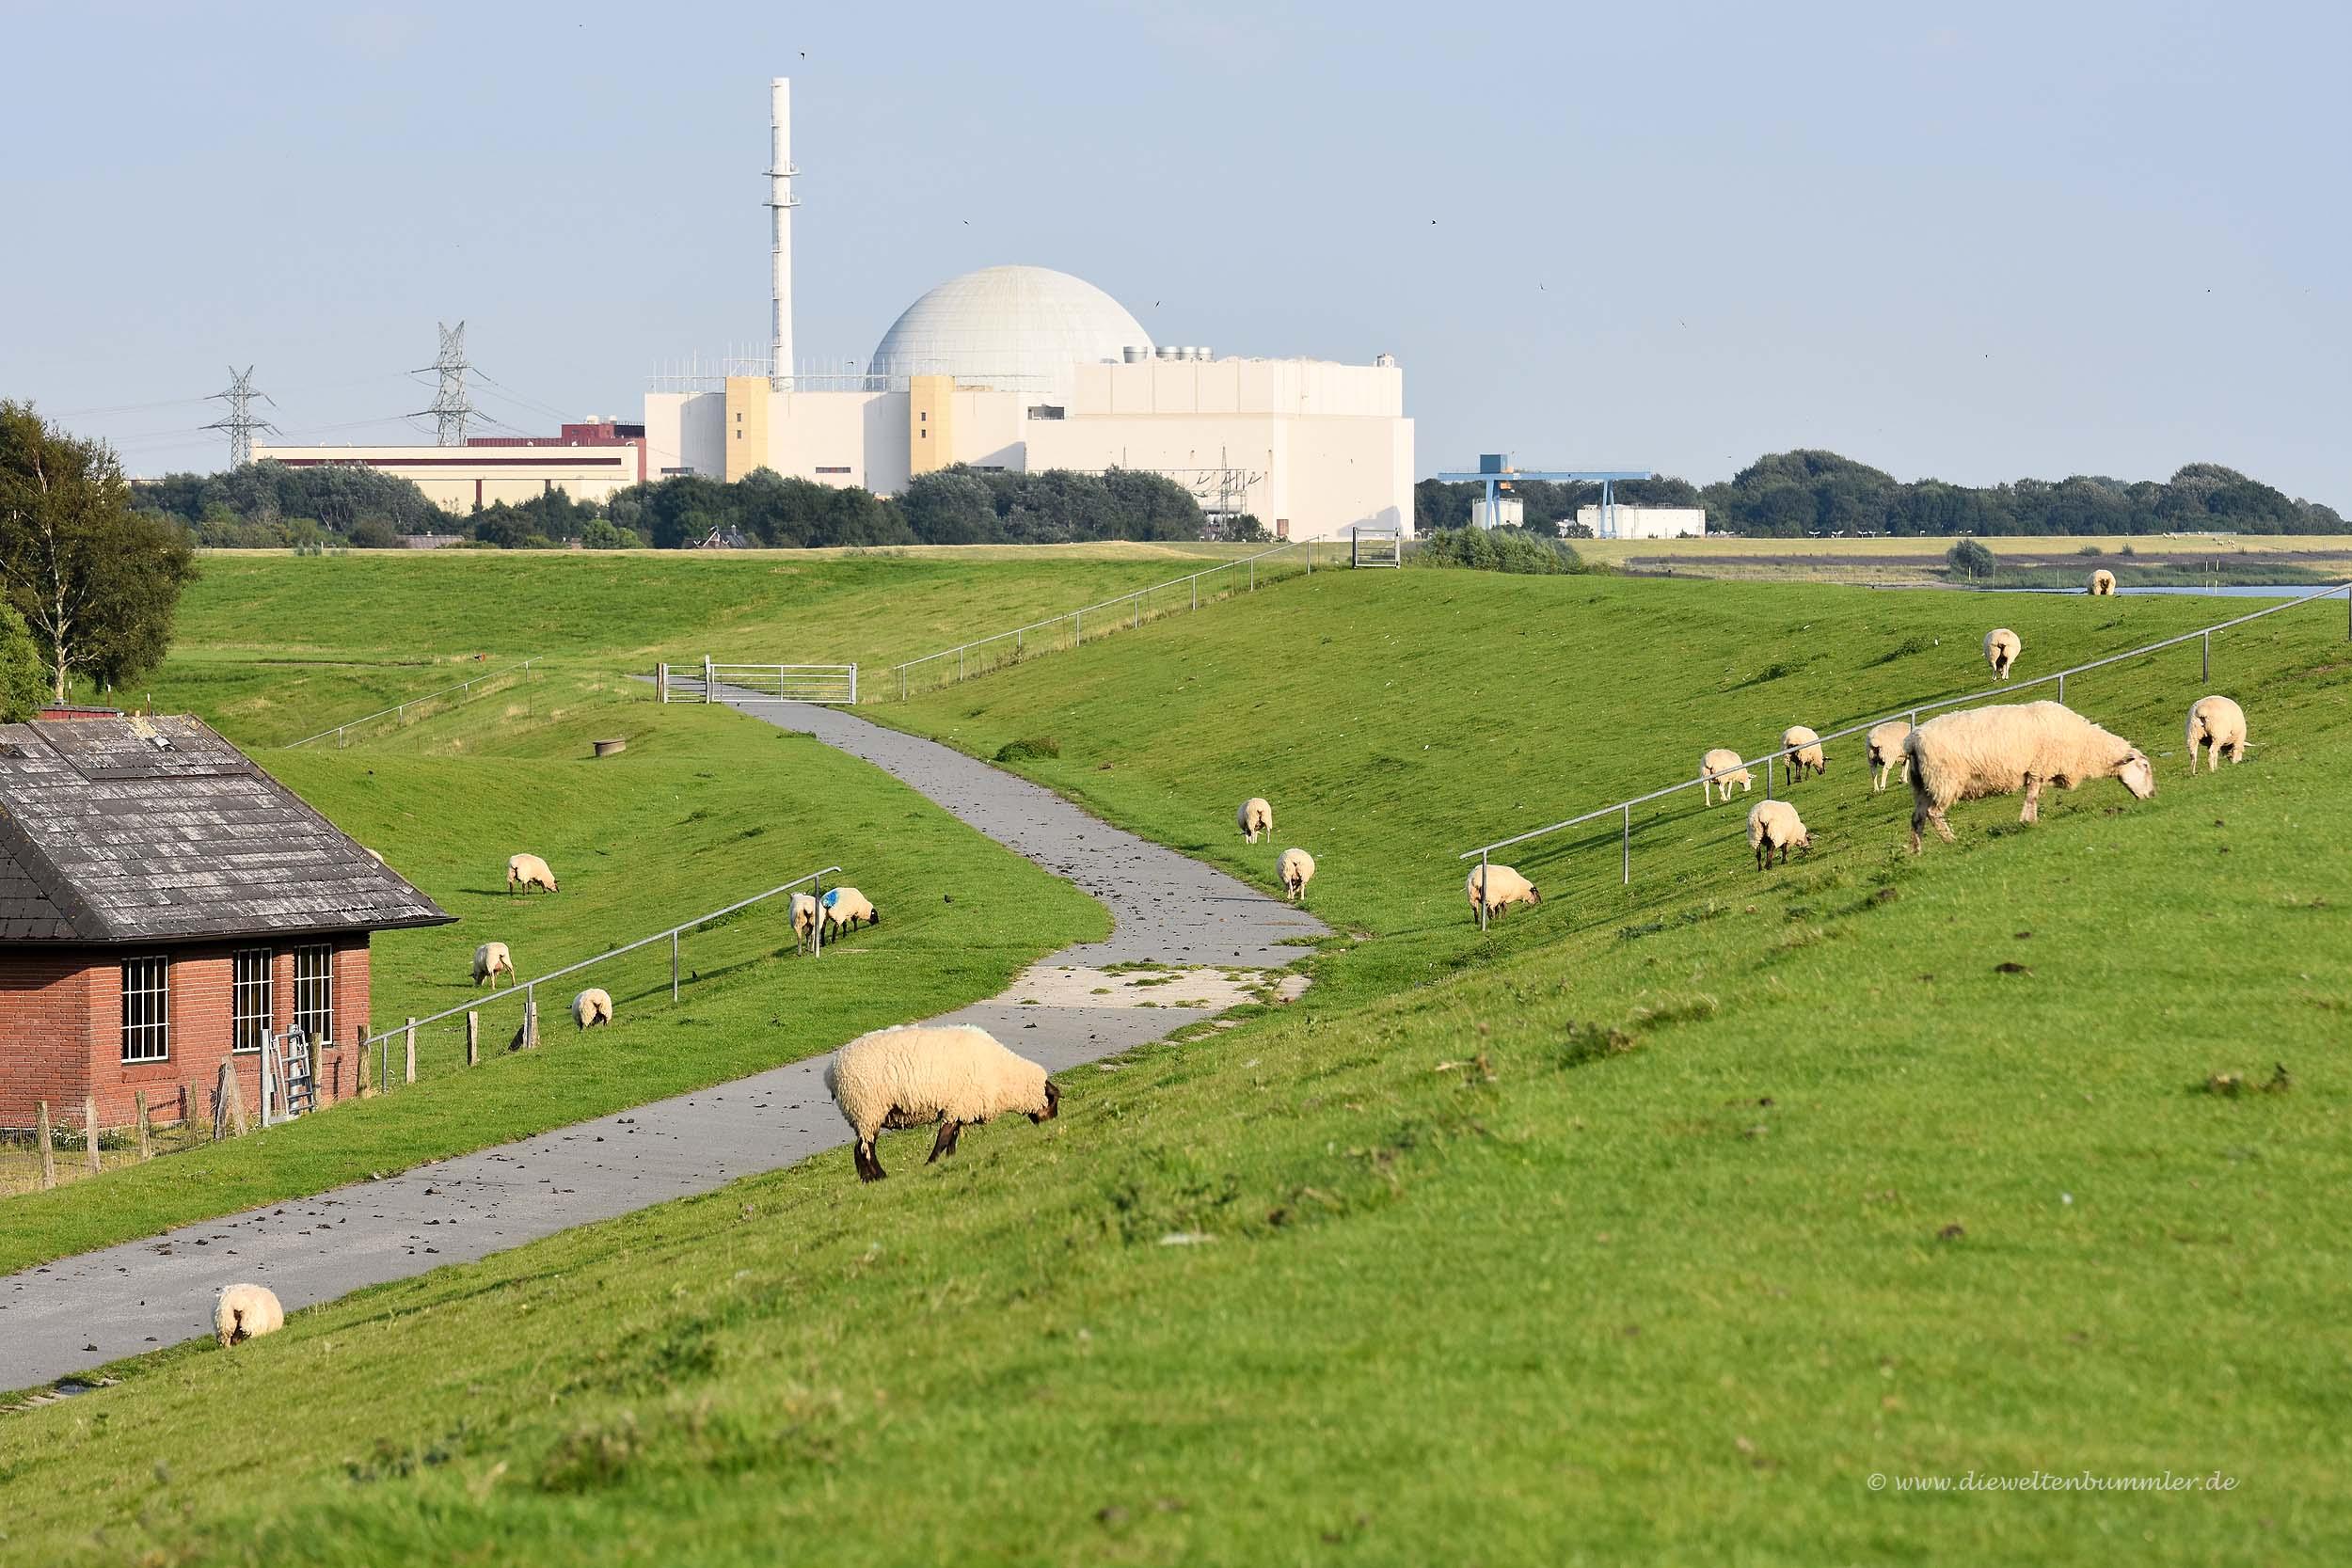 Schafe am Atomkraftwerk Brokdorf